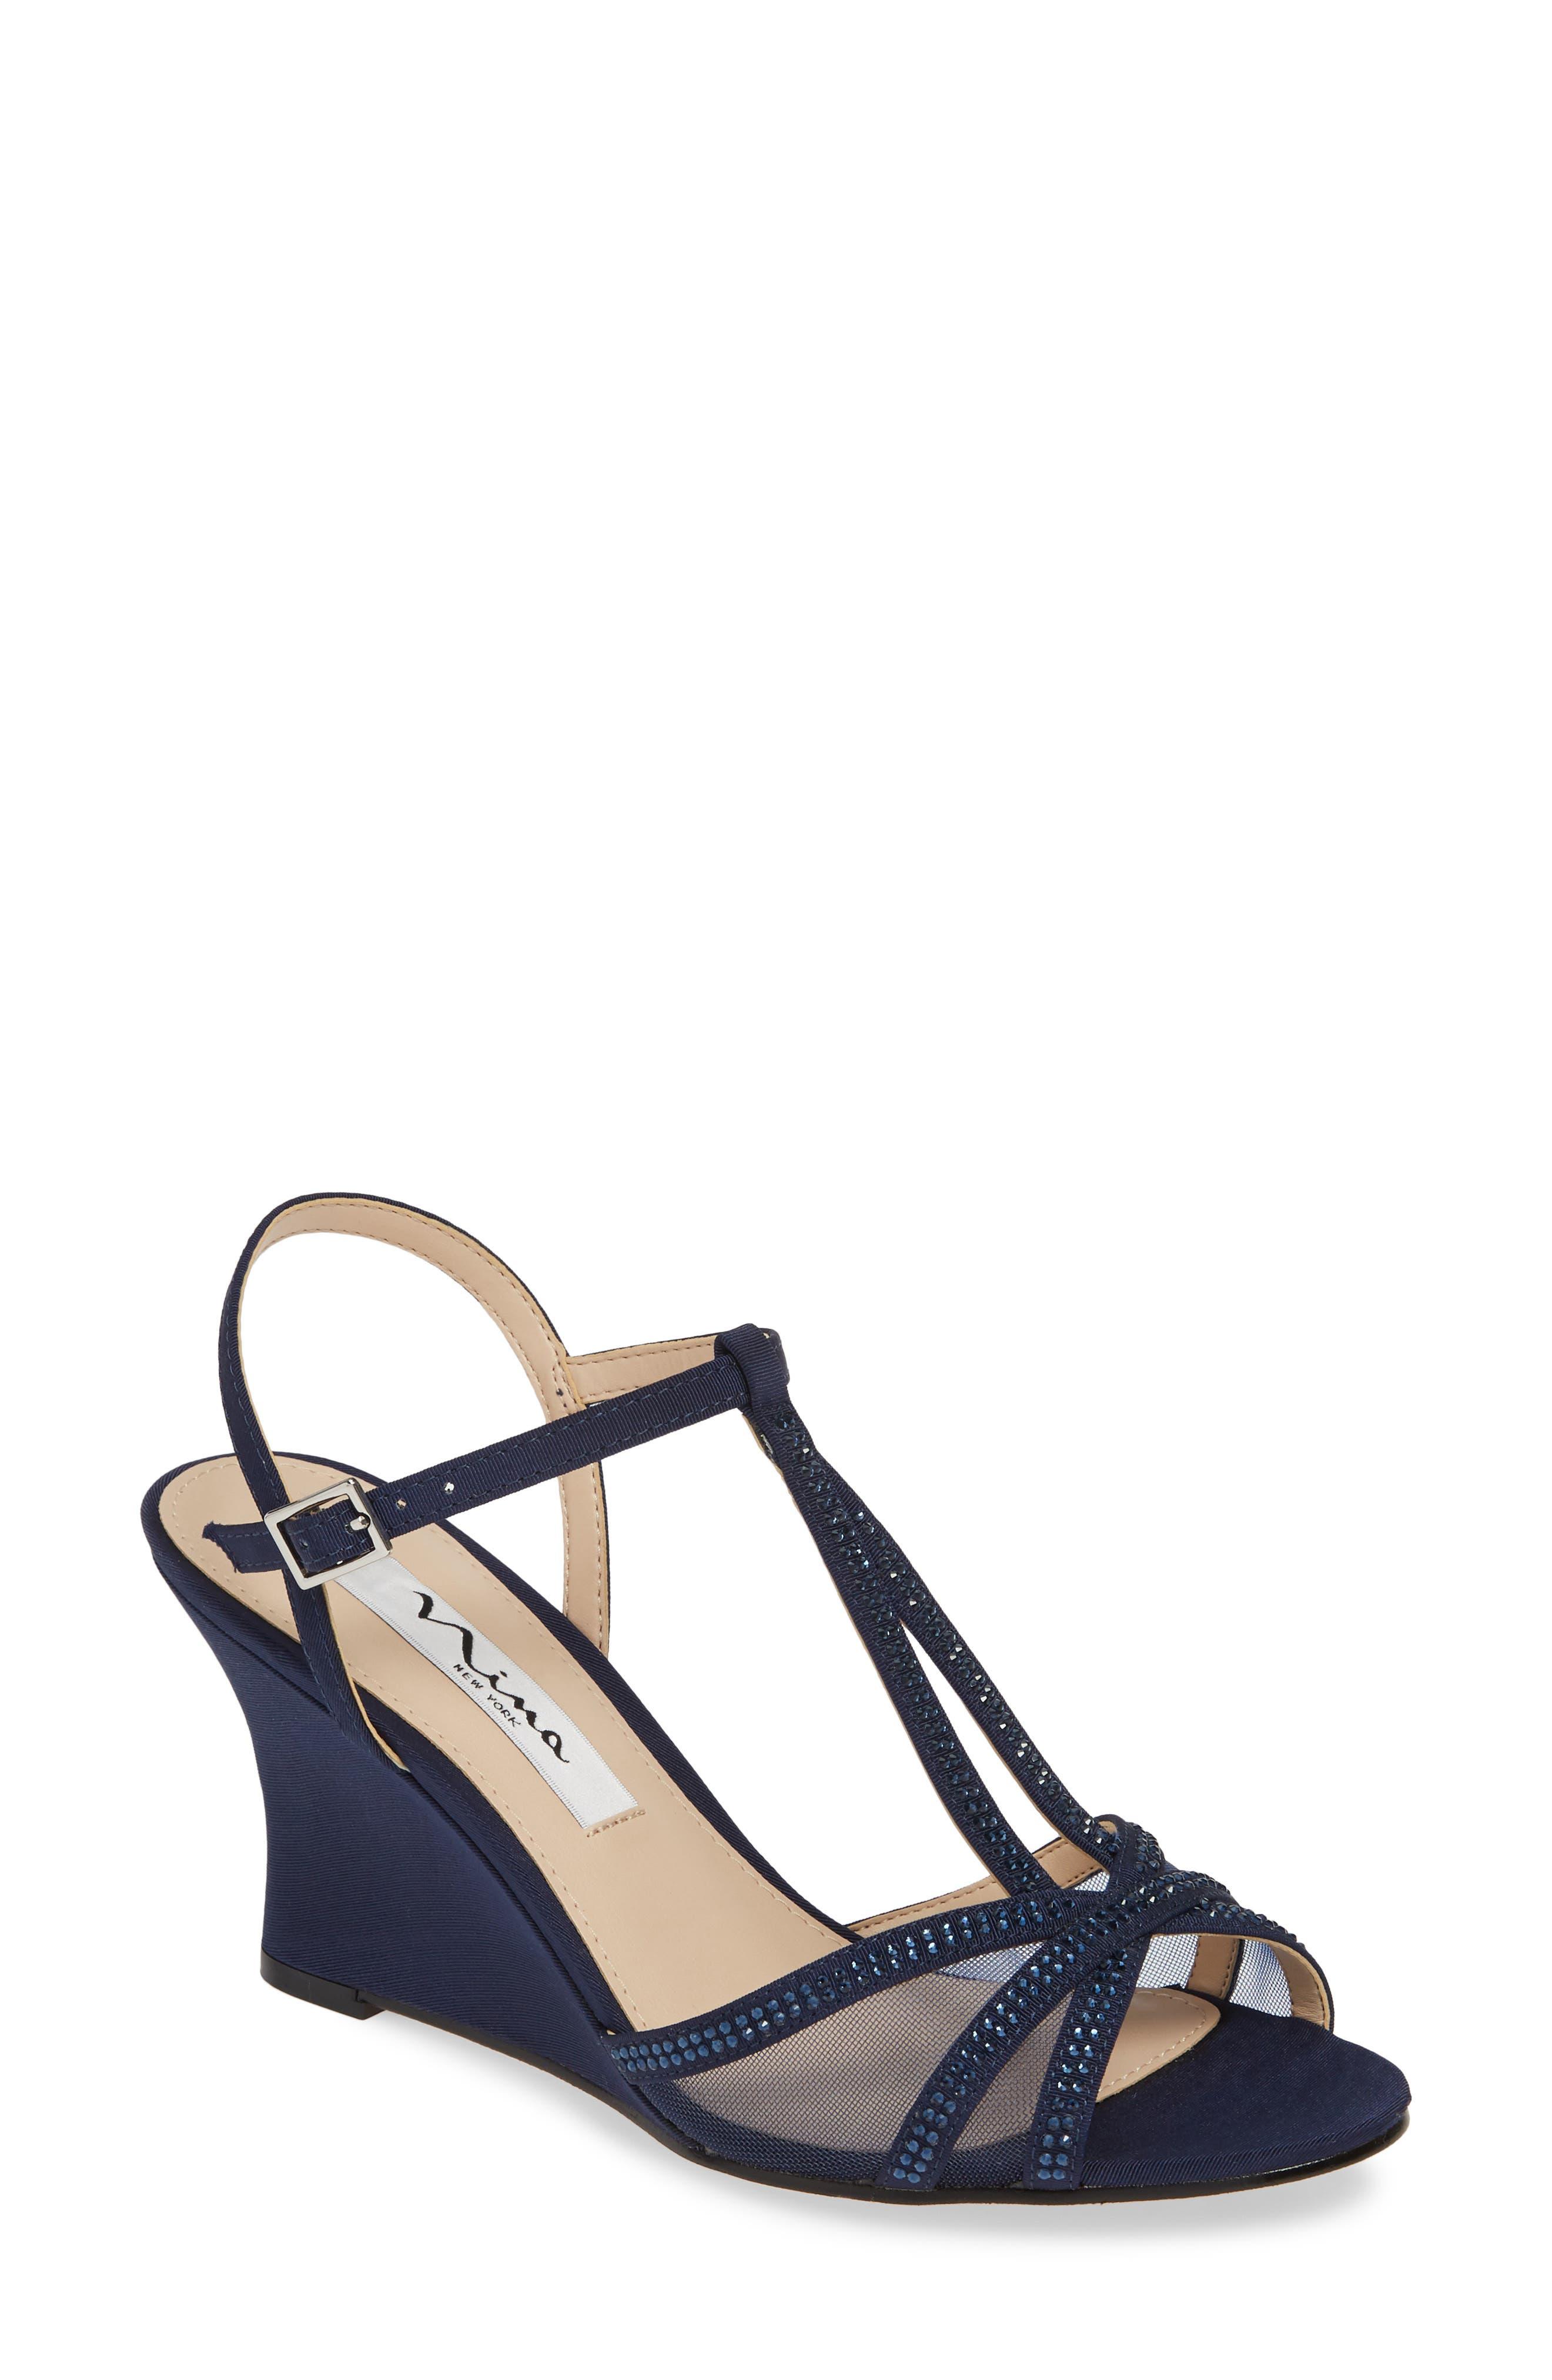 2c7f12104af6 Women s Sandals on SALE!  60 -  69.99